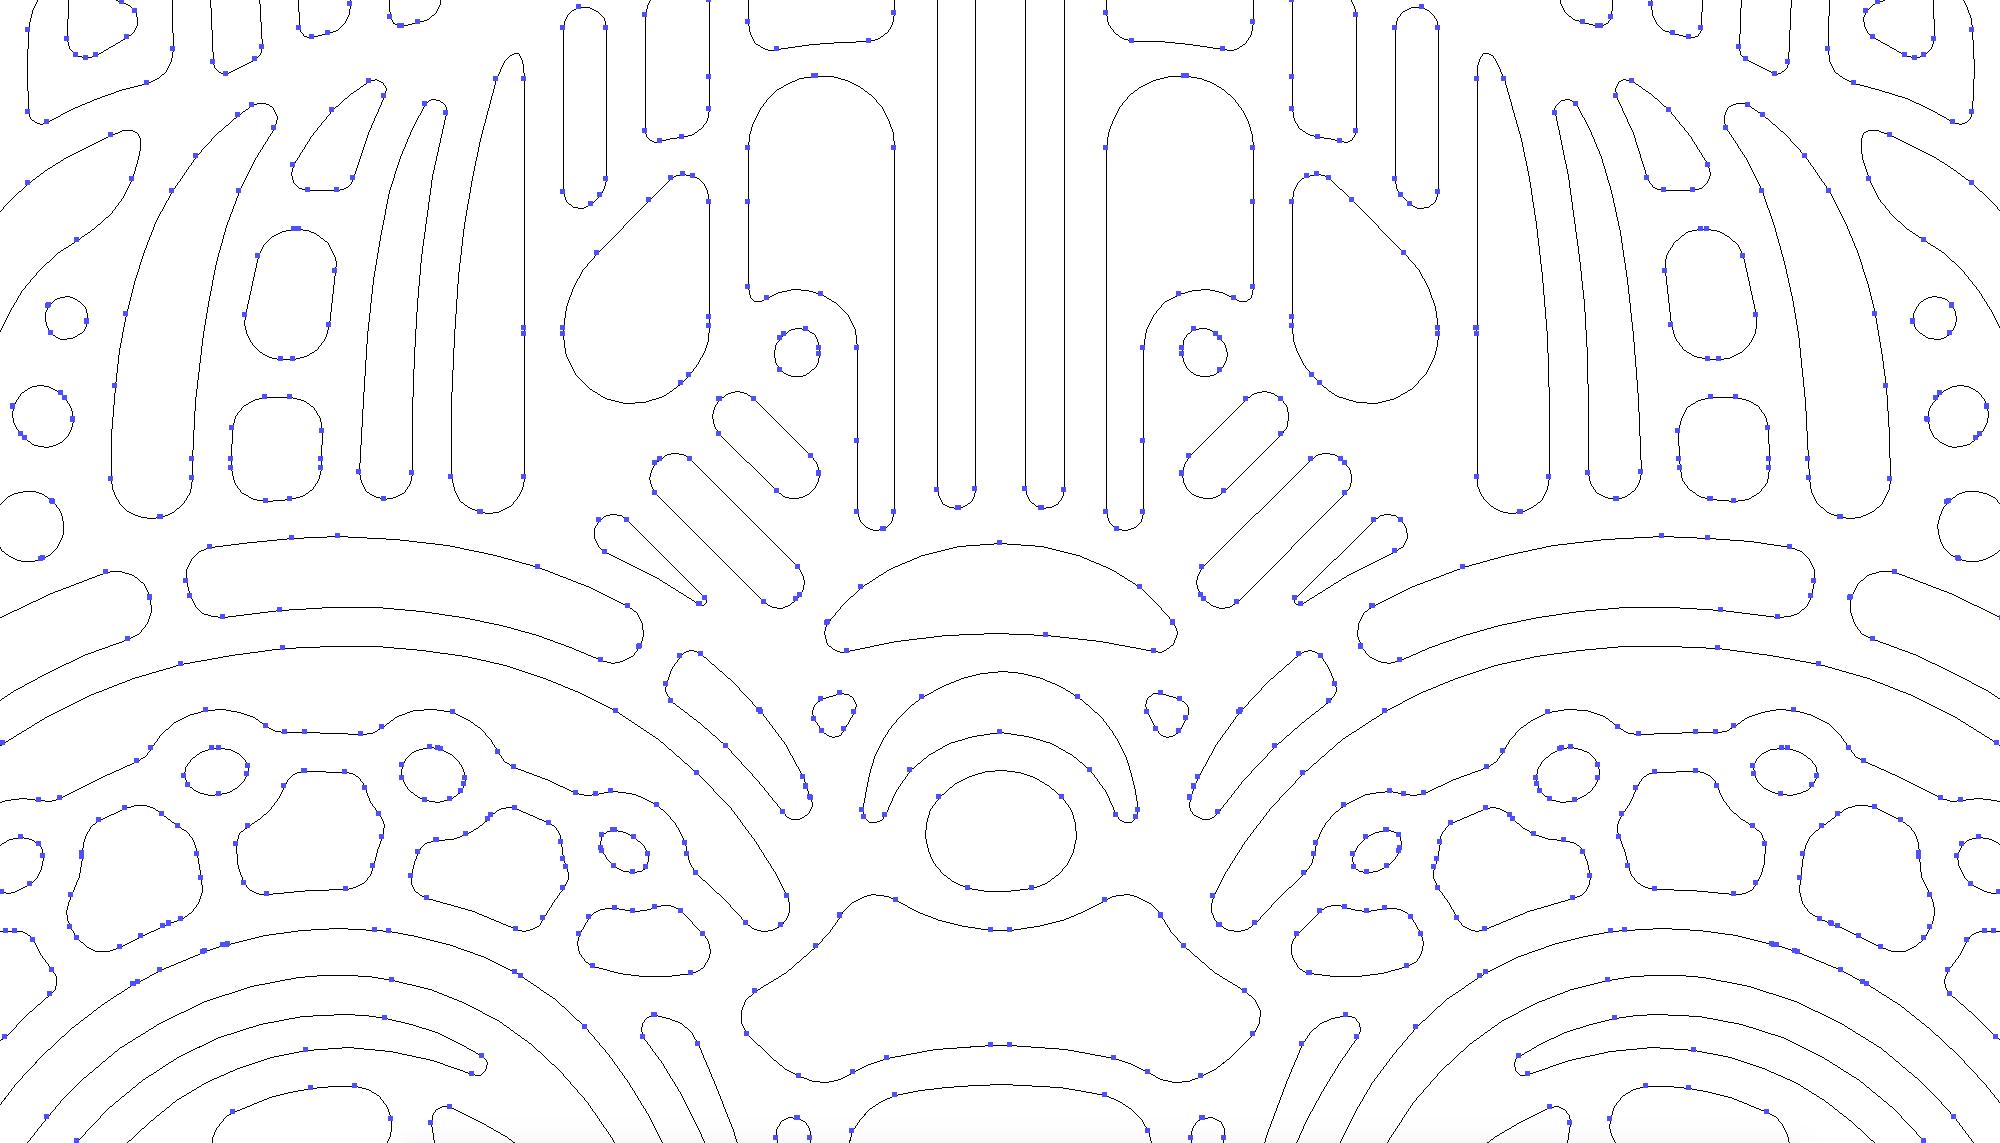 Kickstarter LED light up graphic mask design - Y,Robot vector illustration outline.